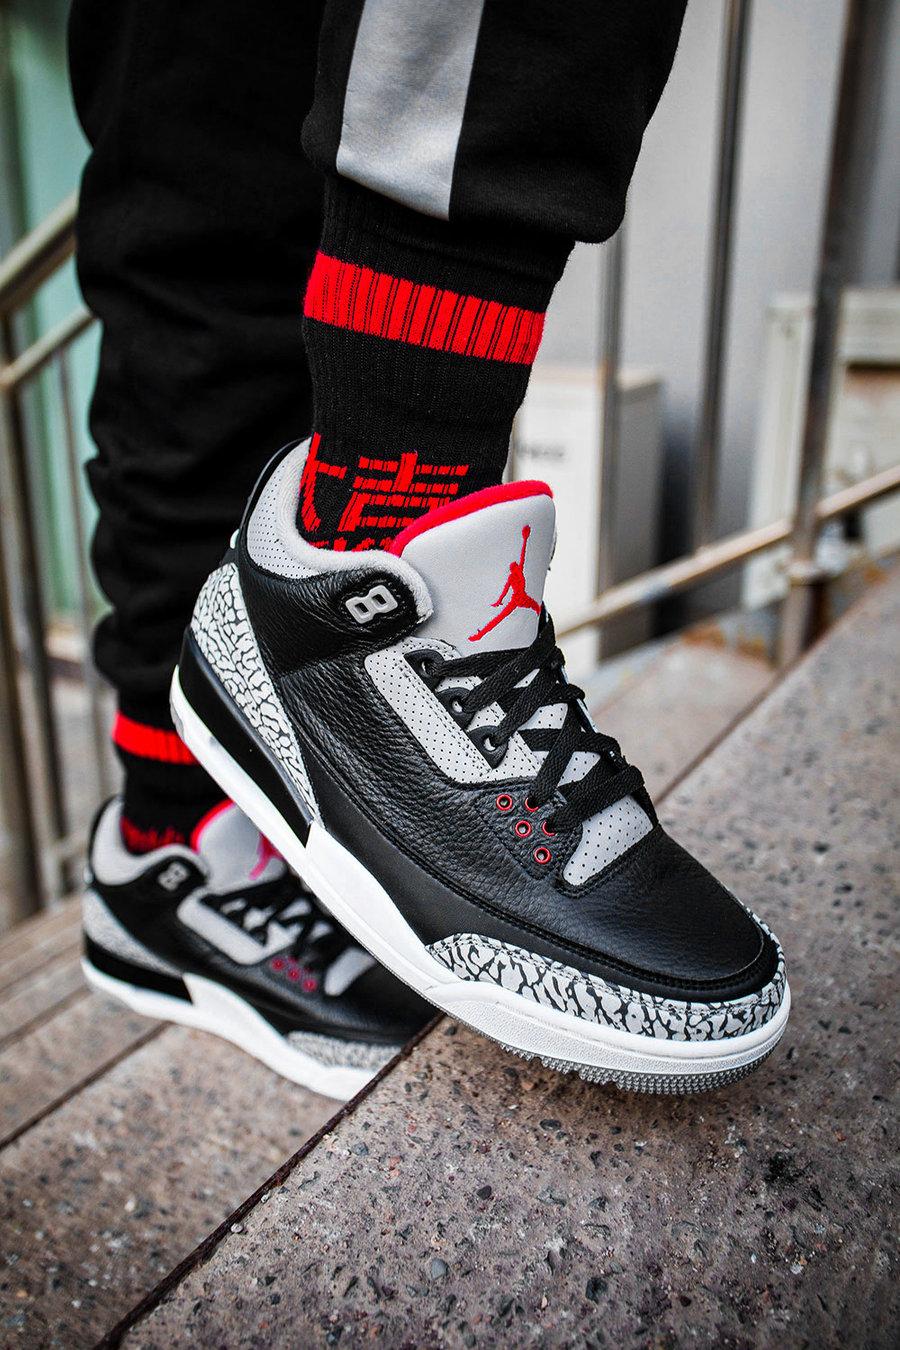 AJ,AJ11,AJ13,AJ14,adidas,Nike,  一千多块买什么鞋最有逼格?这 10 双可能是今年的最佳之选!